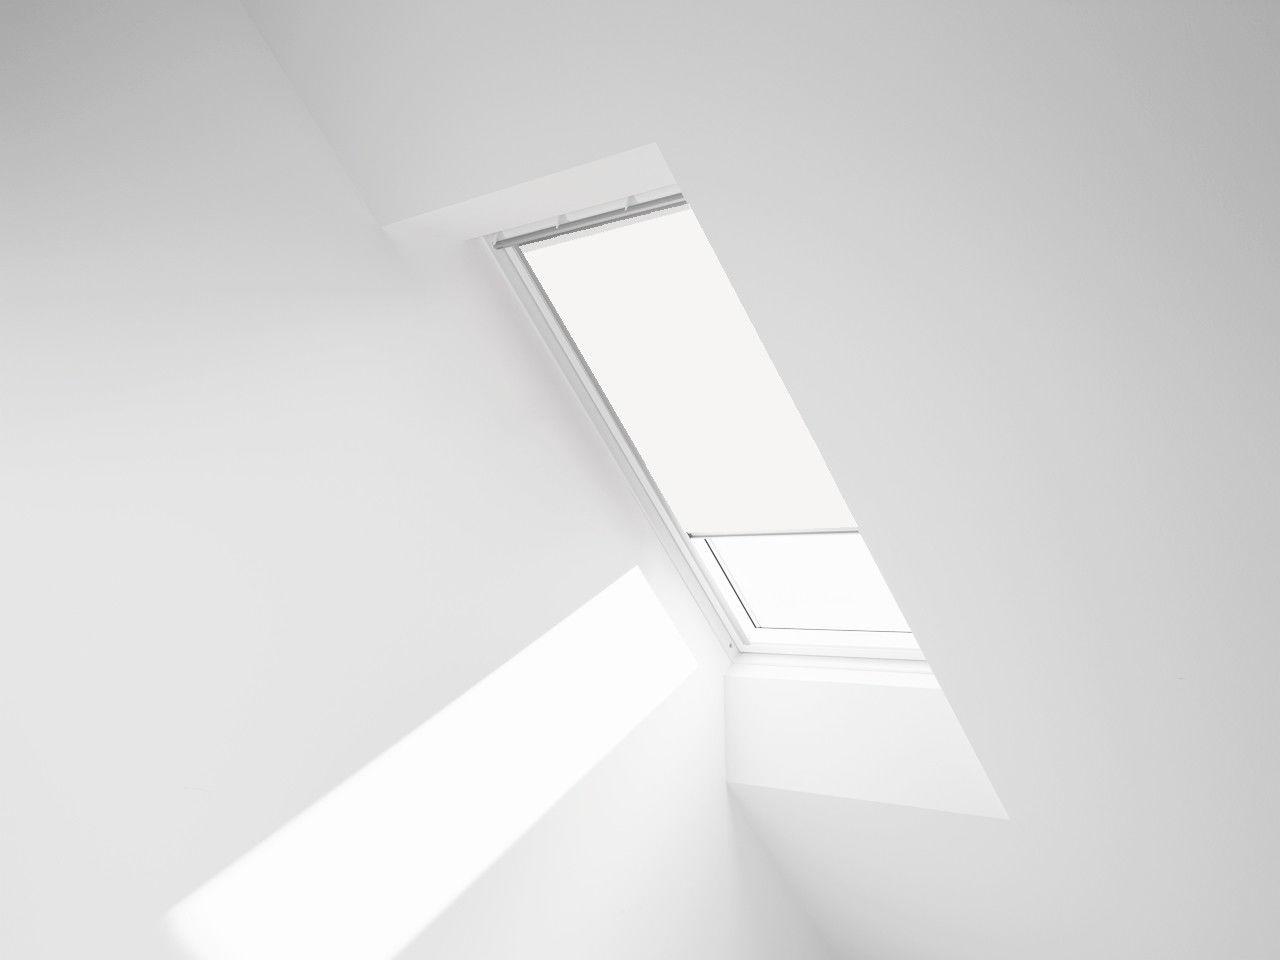 ROLETA ZACIEMNIAJĄCA ROOFART DUR - kolor 4208 (biały) - 78x118 M6A